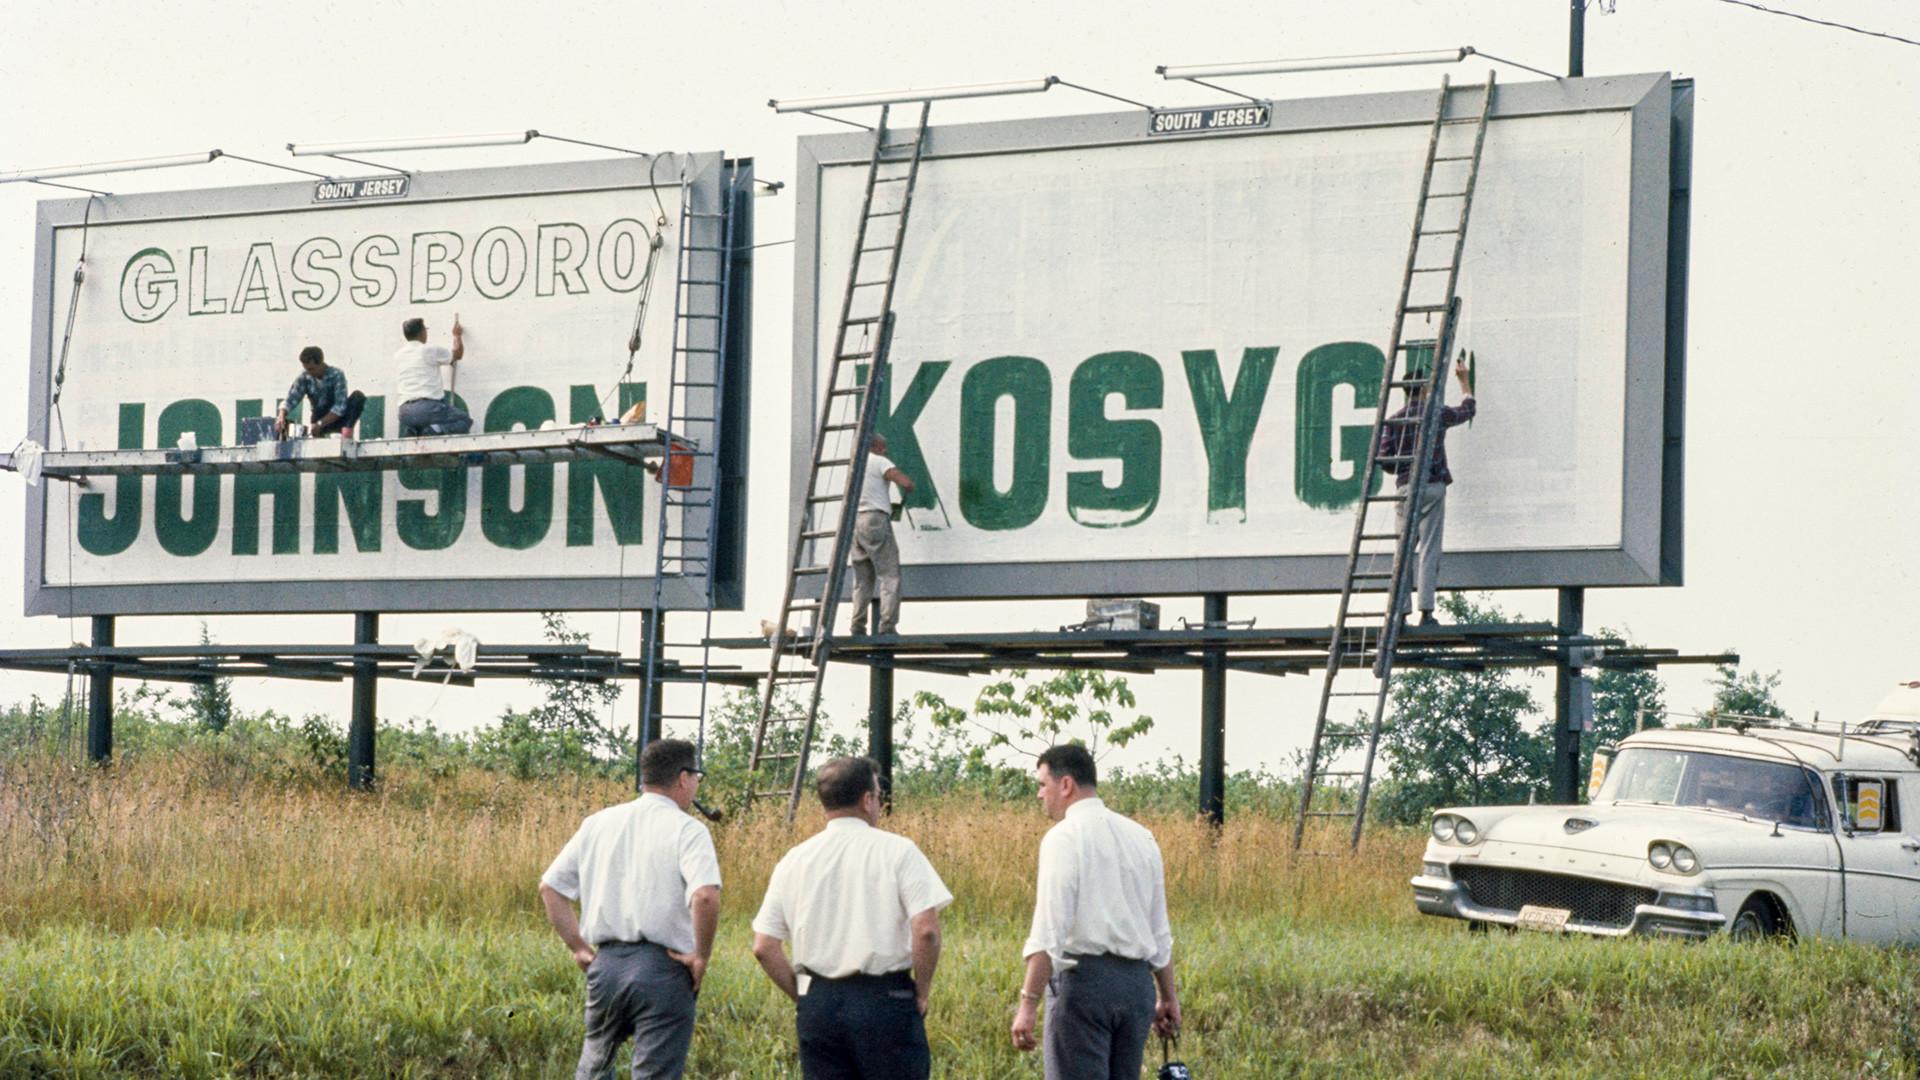 Panneaux le long de l'autoroute durant le sommet de Glassboro